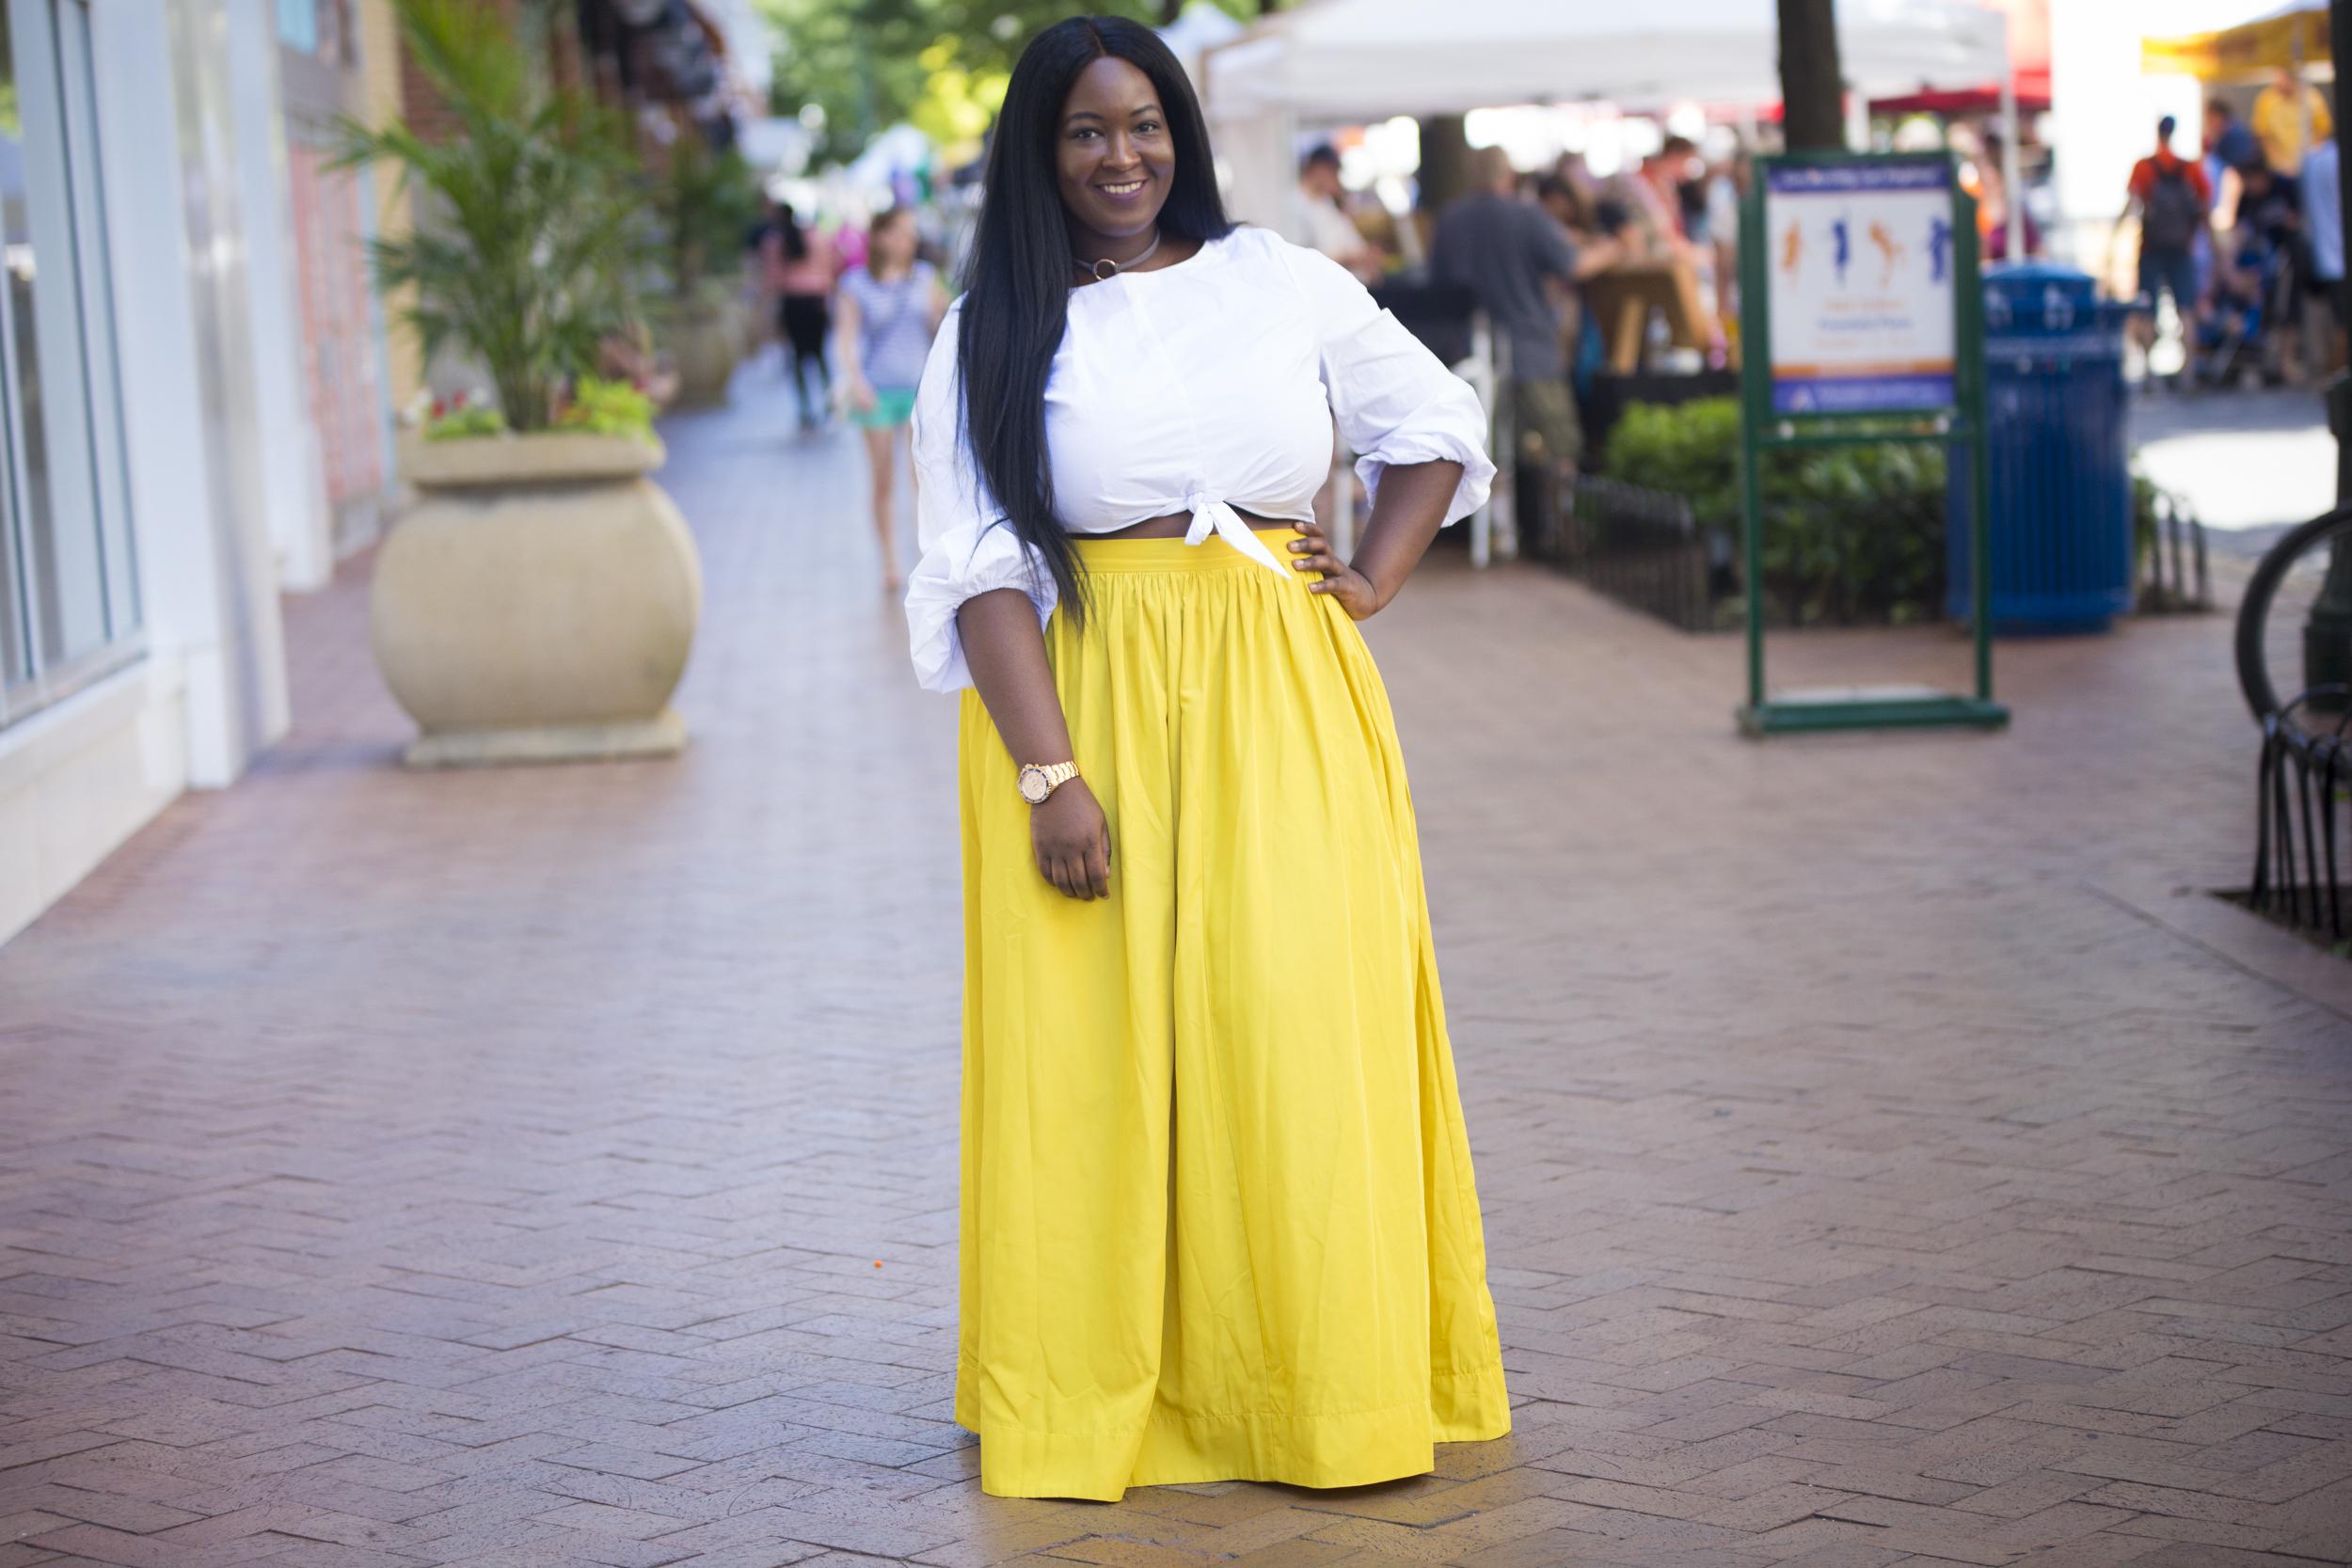 Top + skirt: Eloquii